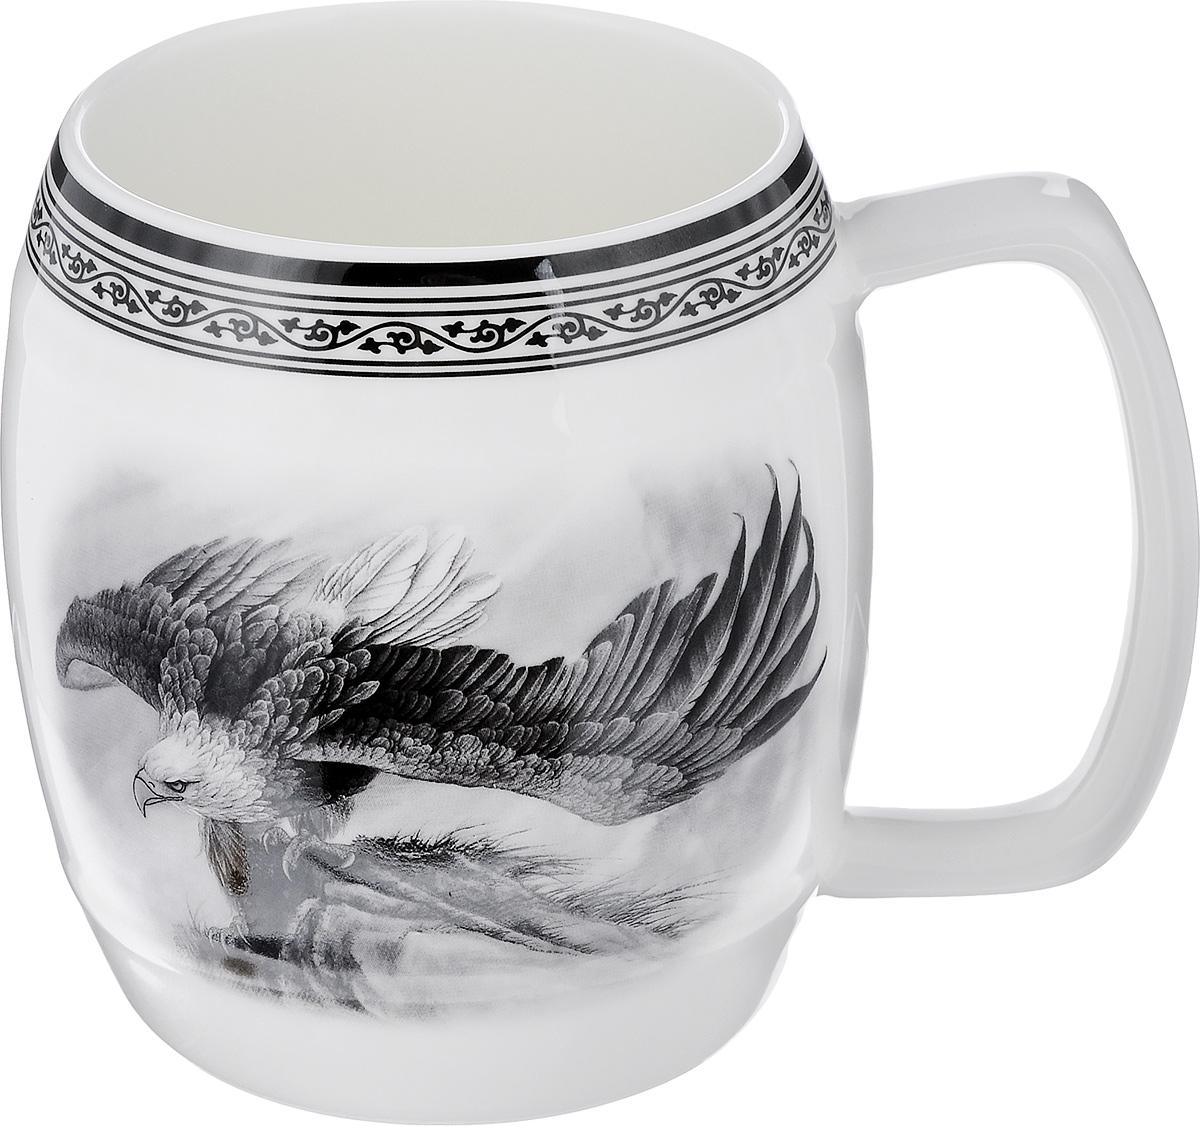 Кружка пивная Elan Gallery Орел, 700 мл115510Большая кружка Elan Gallery Орел, выполненная из керамики, станет оригинальным подарком любимым мужчинам! Идеальна для тех, кто предпочитает большие кружки, и для любителей чая, кофе и пенных напитков. Не рекомендуется применять абразивные моющие средства.Не использовать в микроволновой печи.